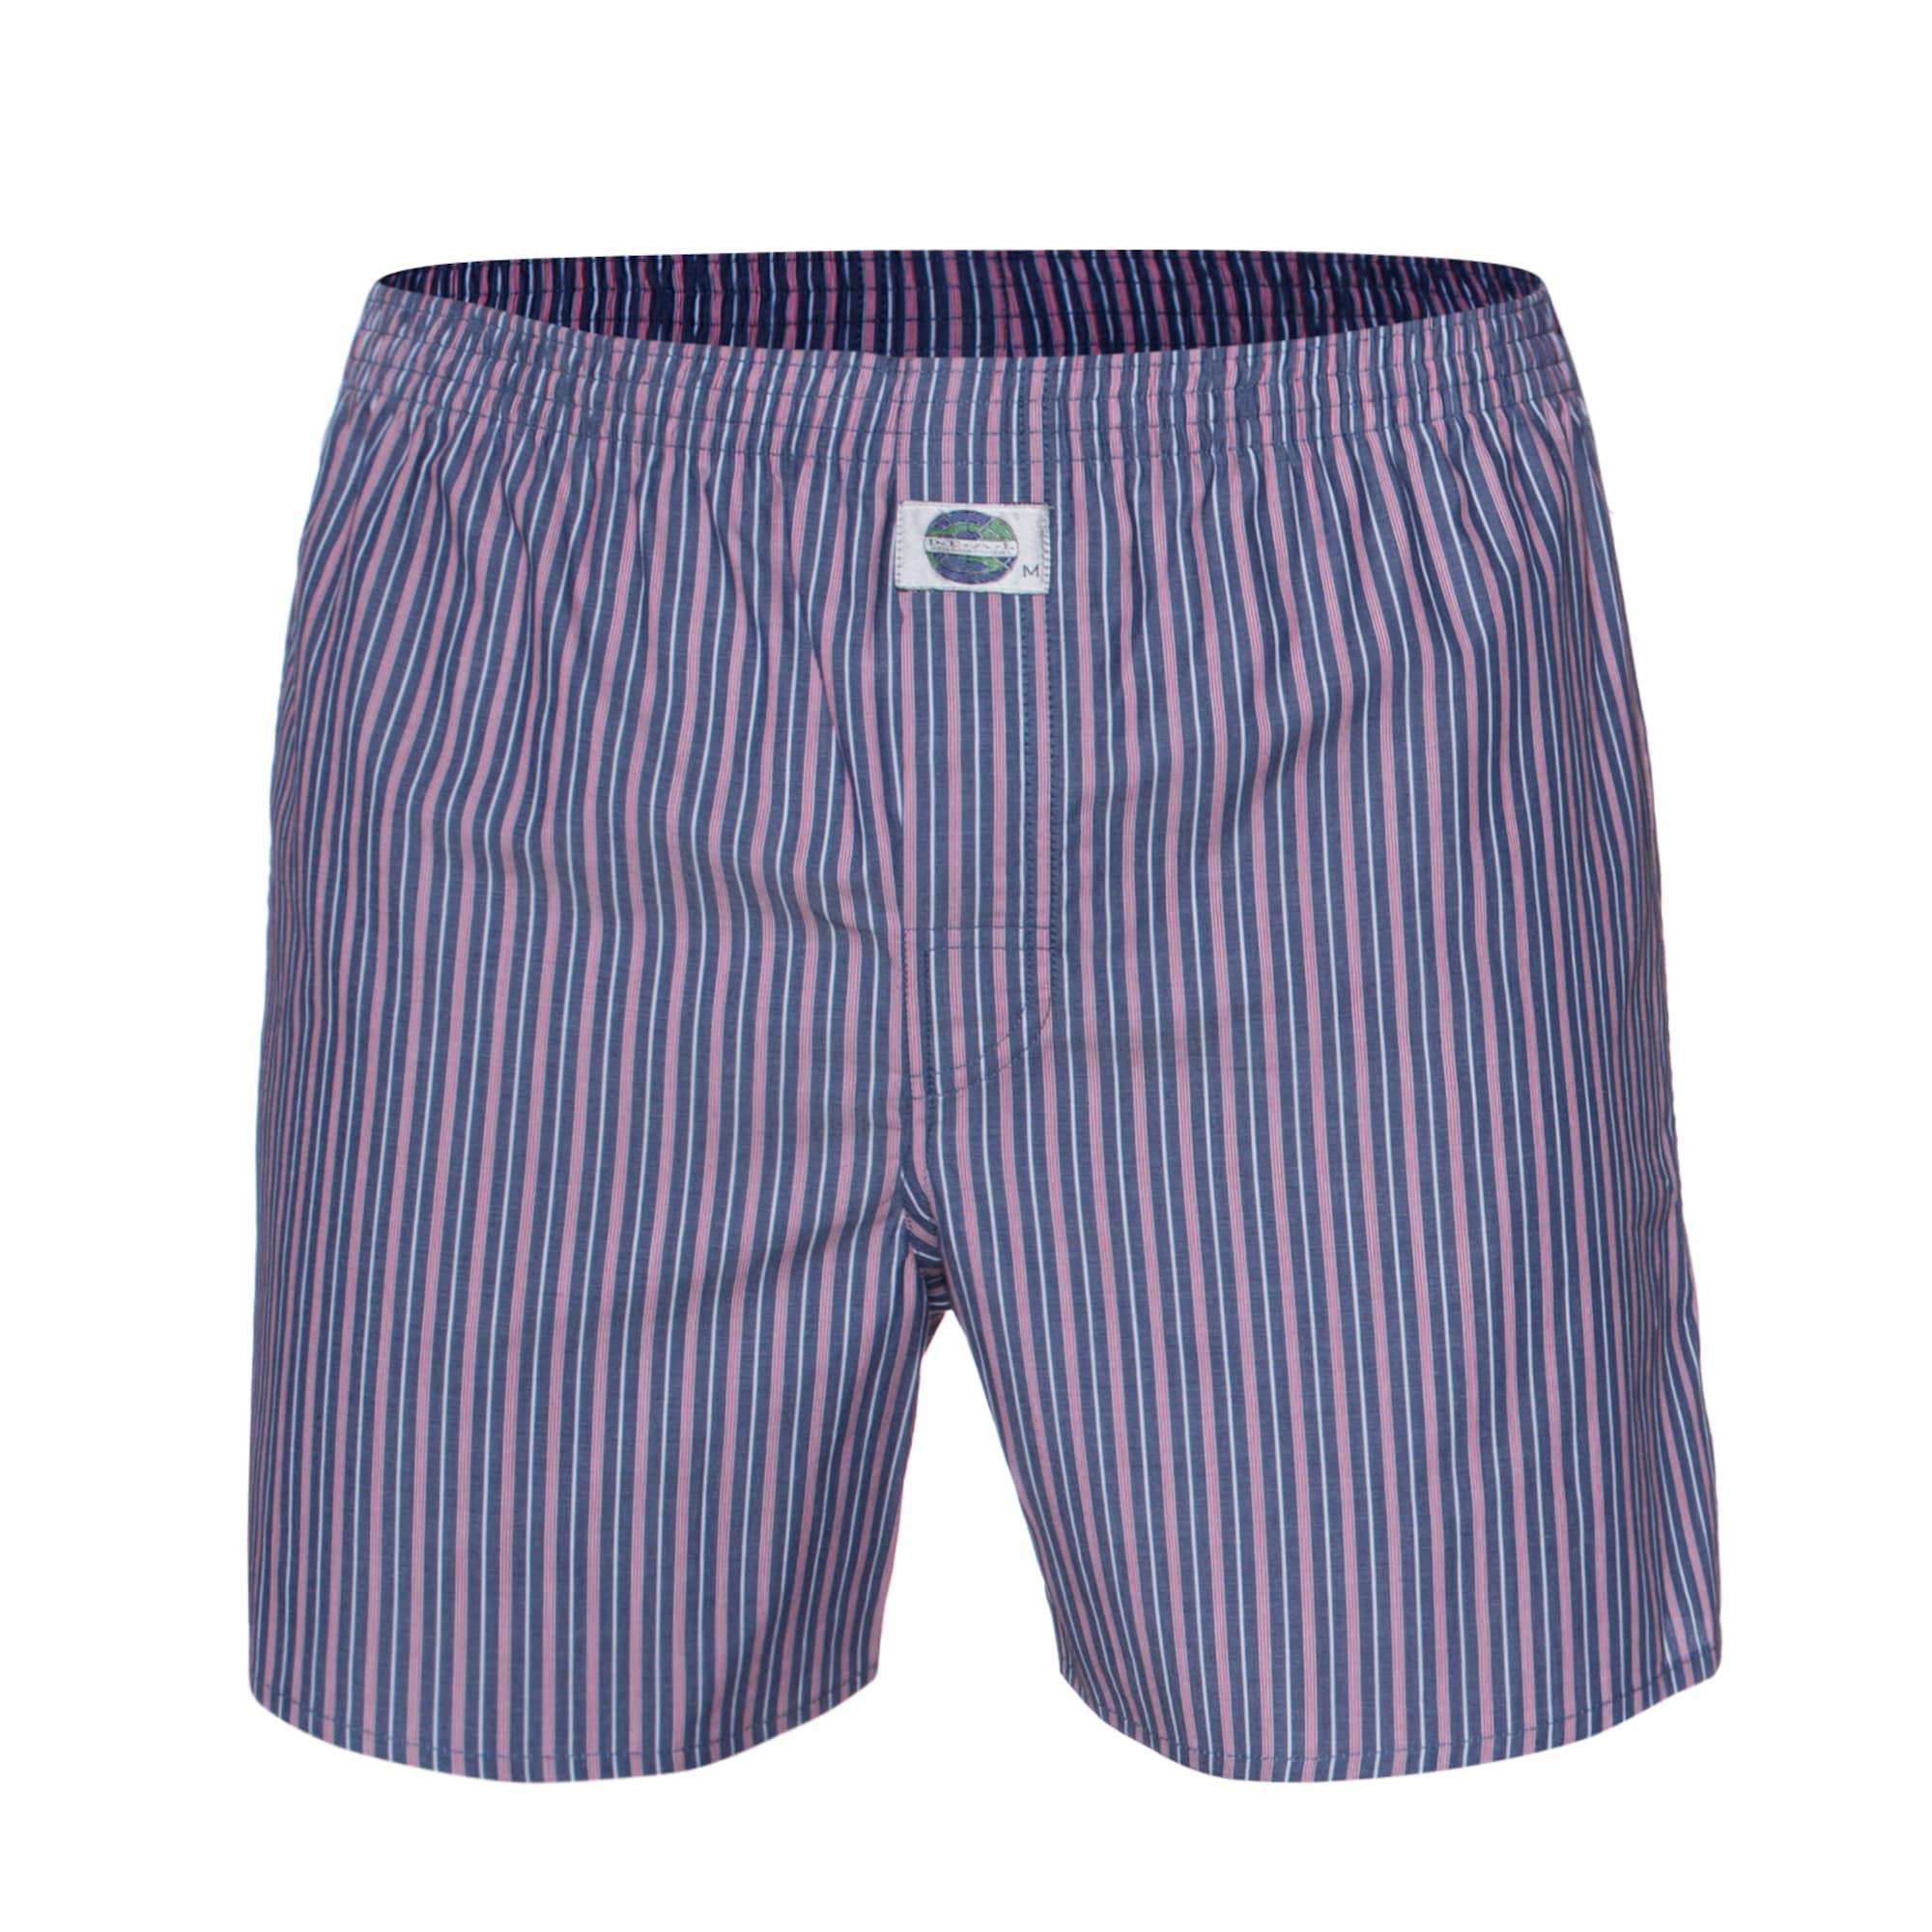 Boxerky Stripe modrá růžová D.E.A.L International